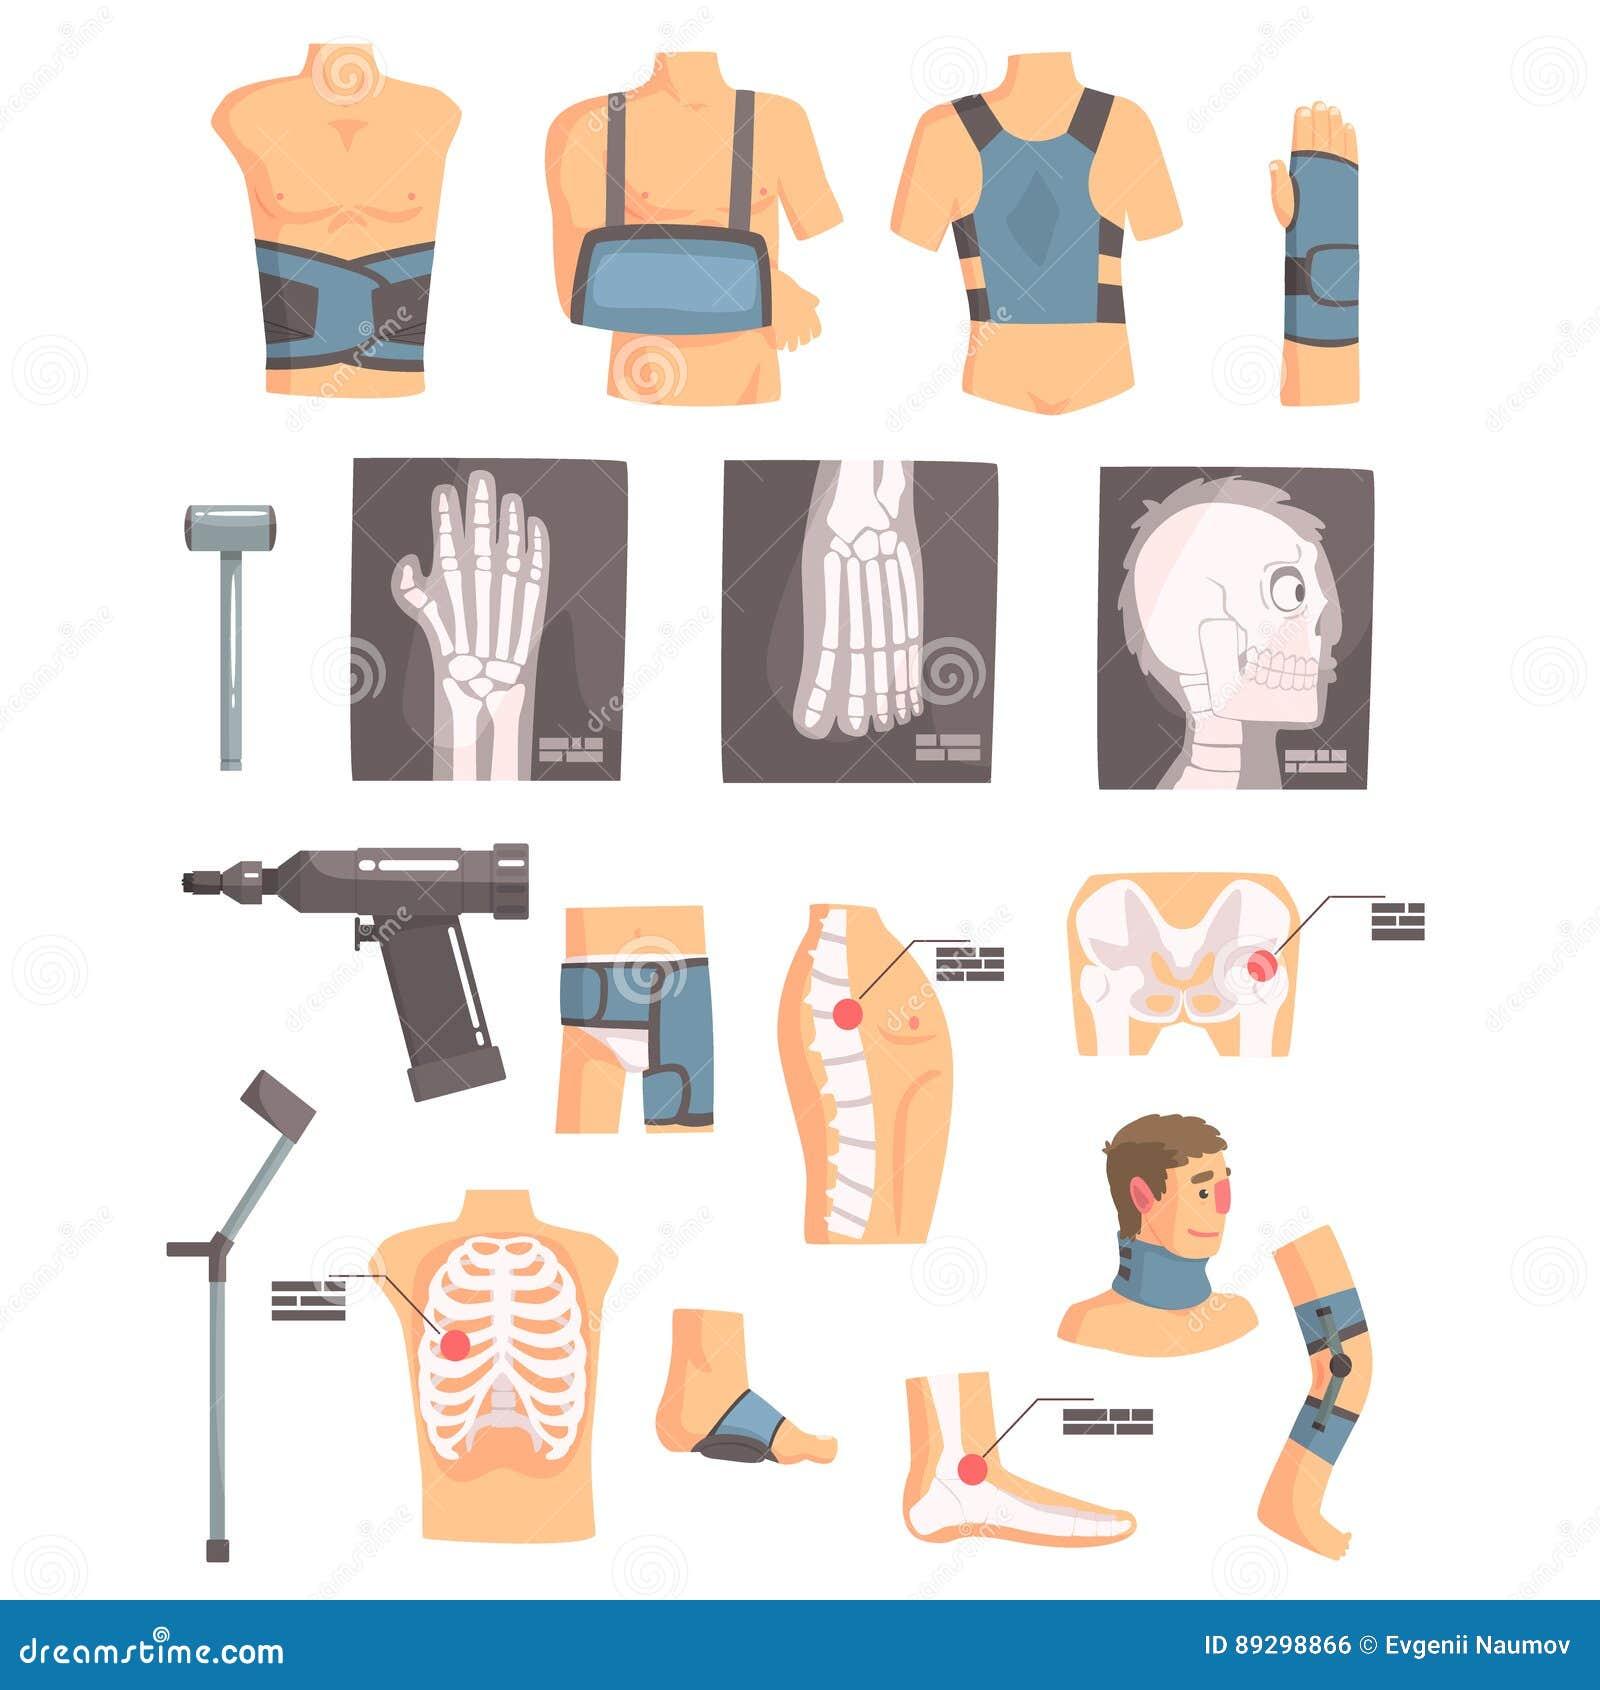 Atributos ortopédicos da cirurgia e da ortopedia e grupo de ferramentas de ícones dos desenhos animados com as ataduras, os raios